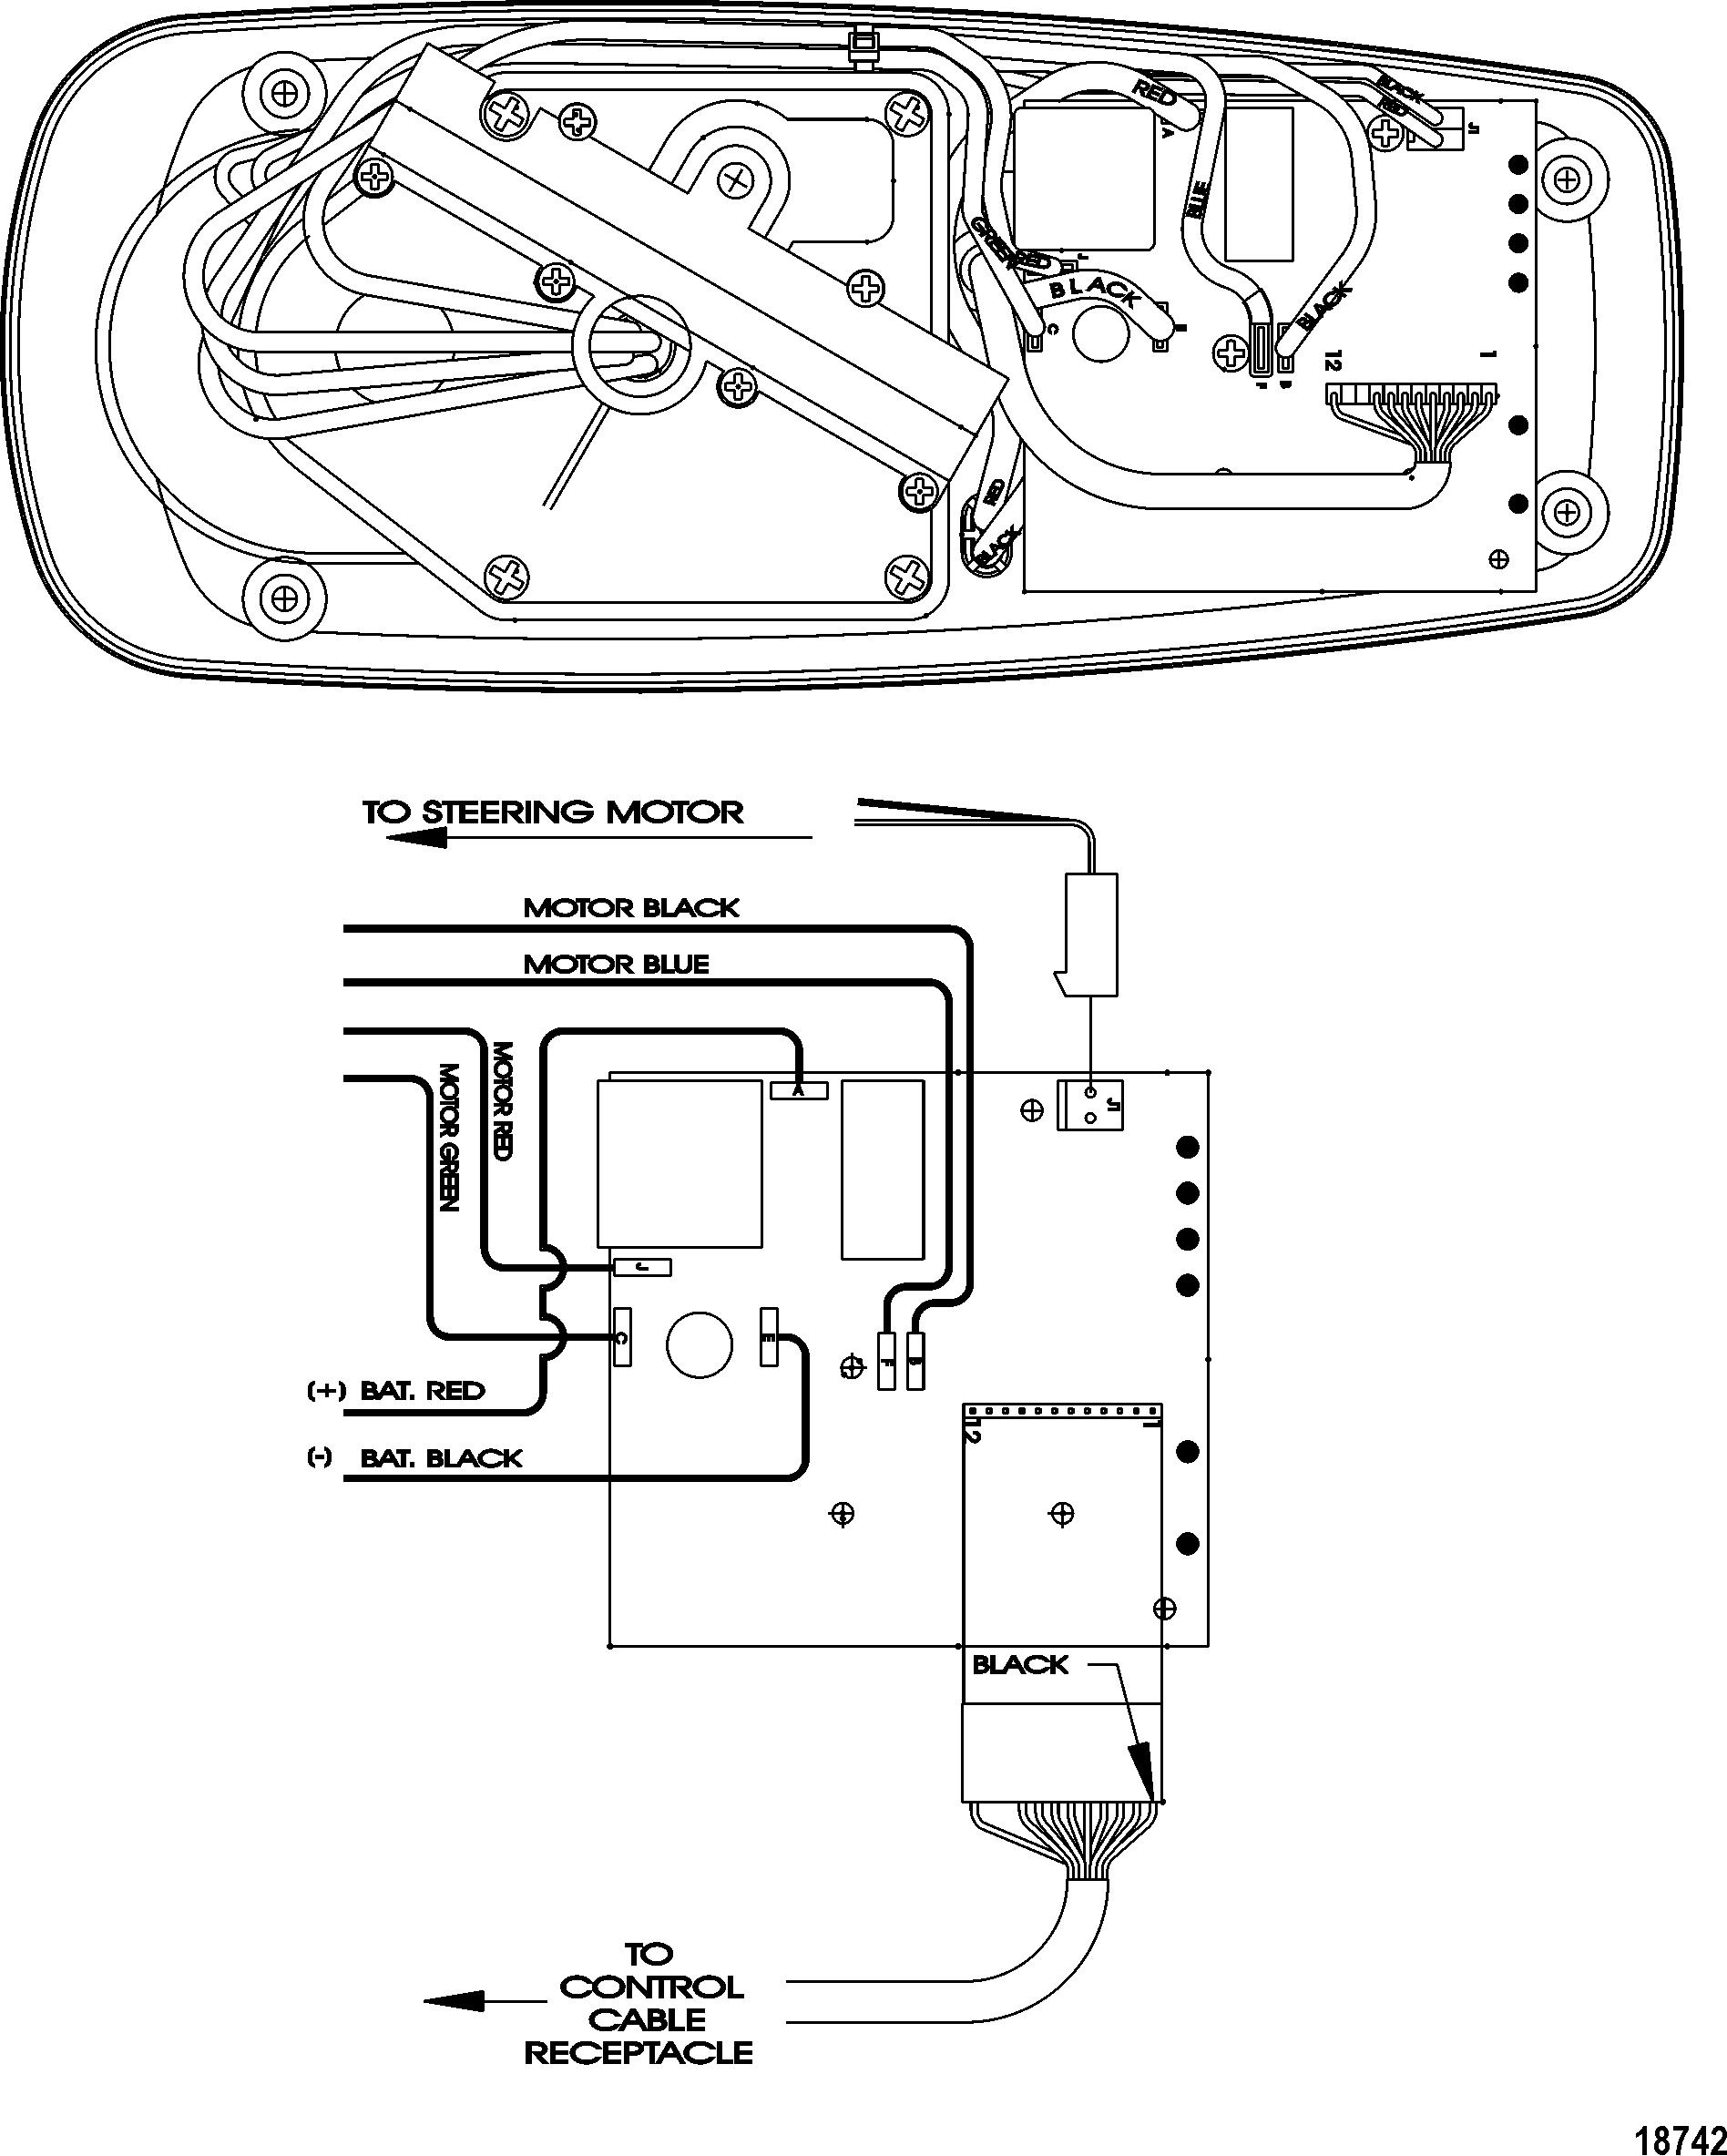 Mercury Thruster Trolling Motor Wiring Diagram : 46 Wiring